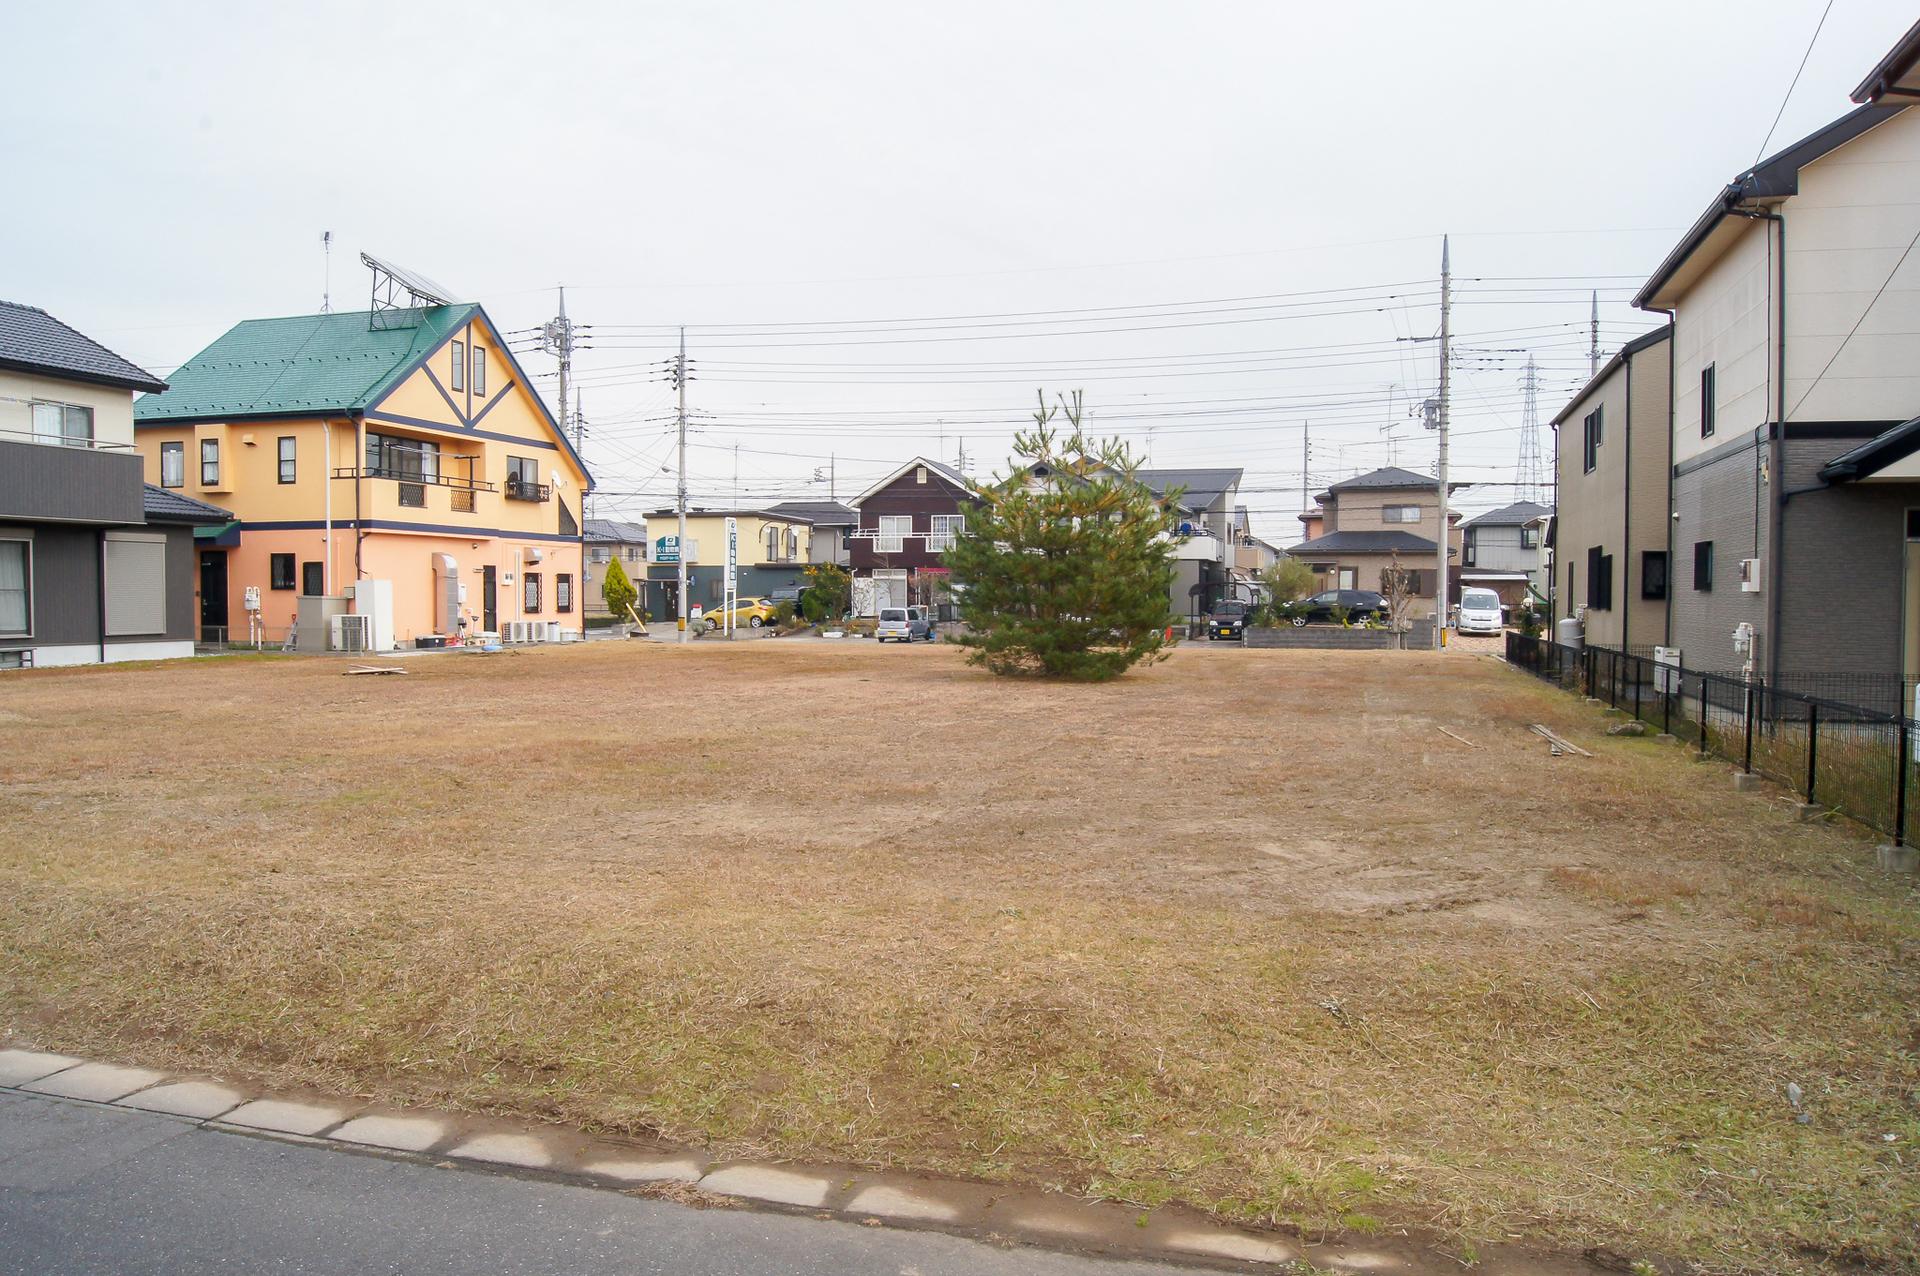 f:id:akichiniiko:20181225233027j:plain